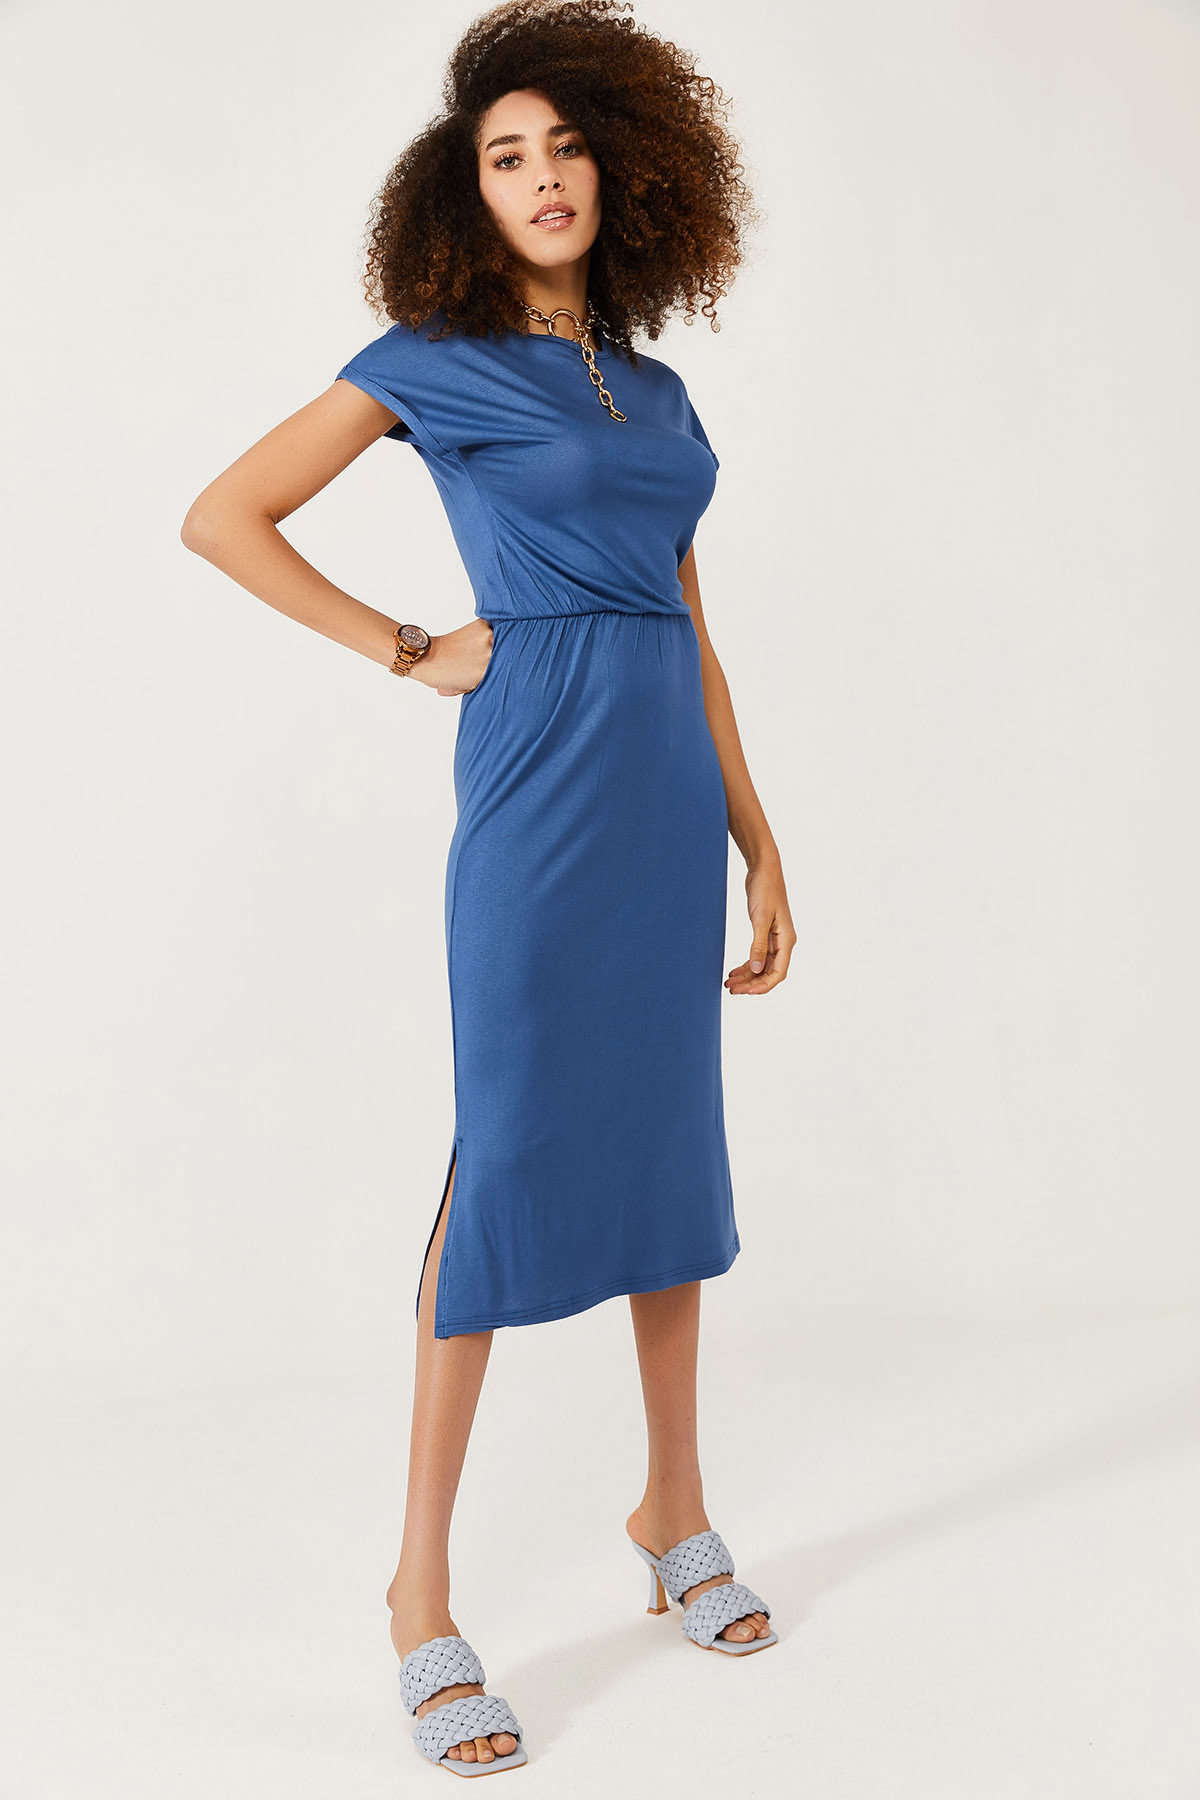 XHAN - İndigo Yumuşak Dokulu Esnek Yırtmaçlı Elbise 1KXK6-44569-27